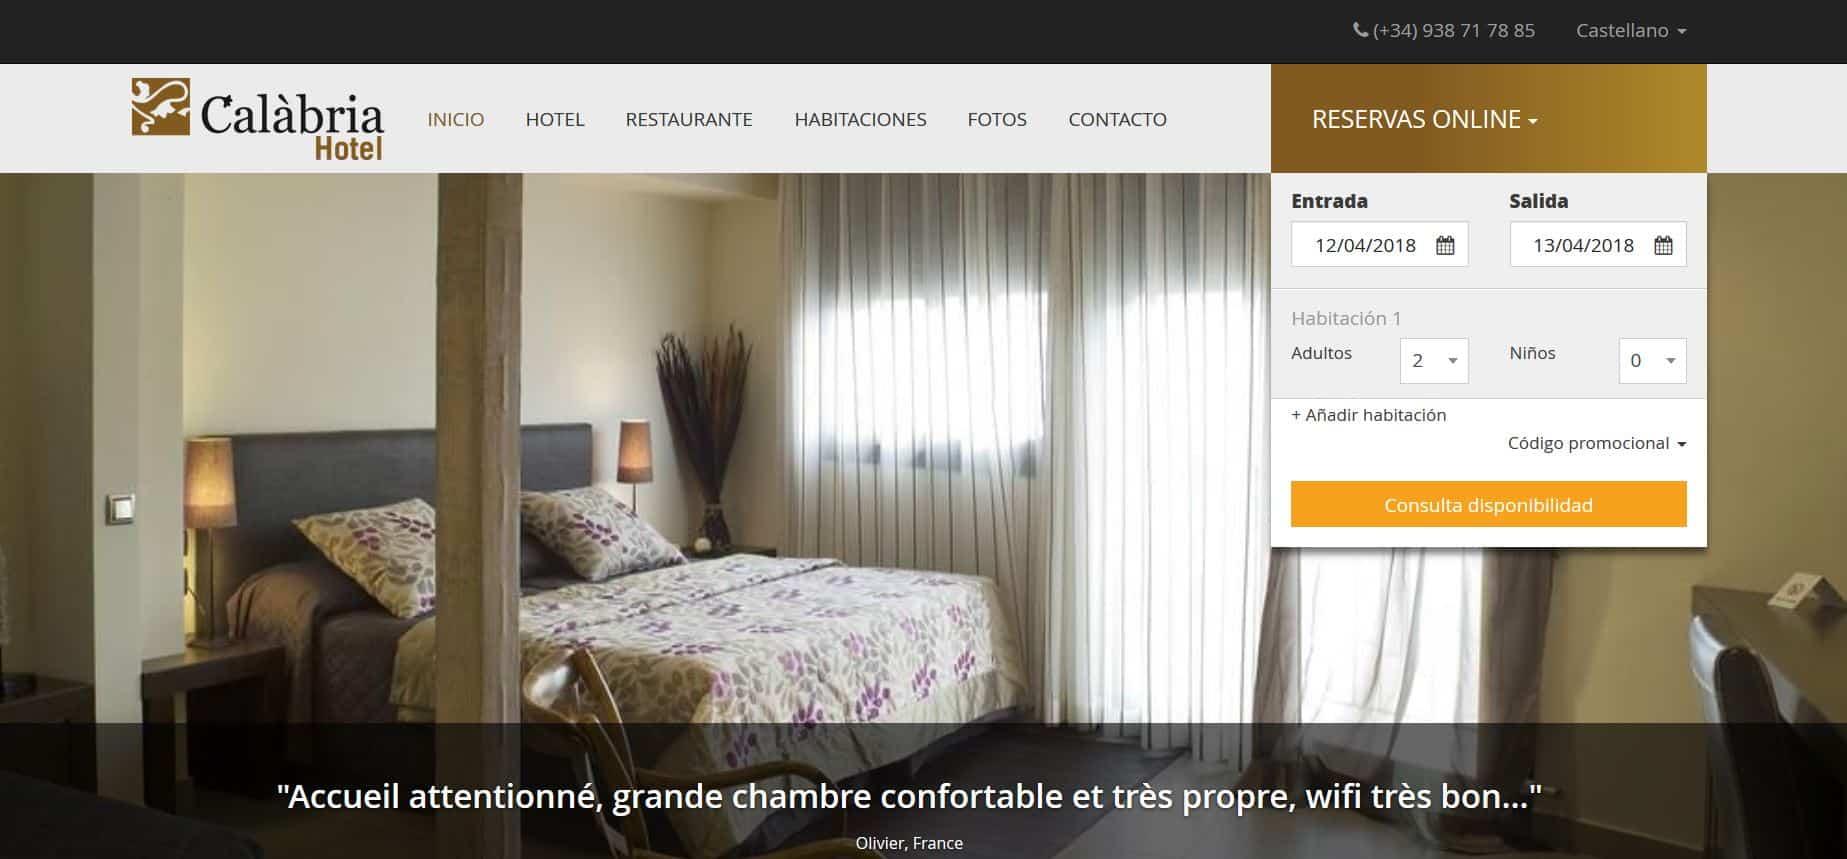 HotelCalabria